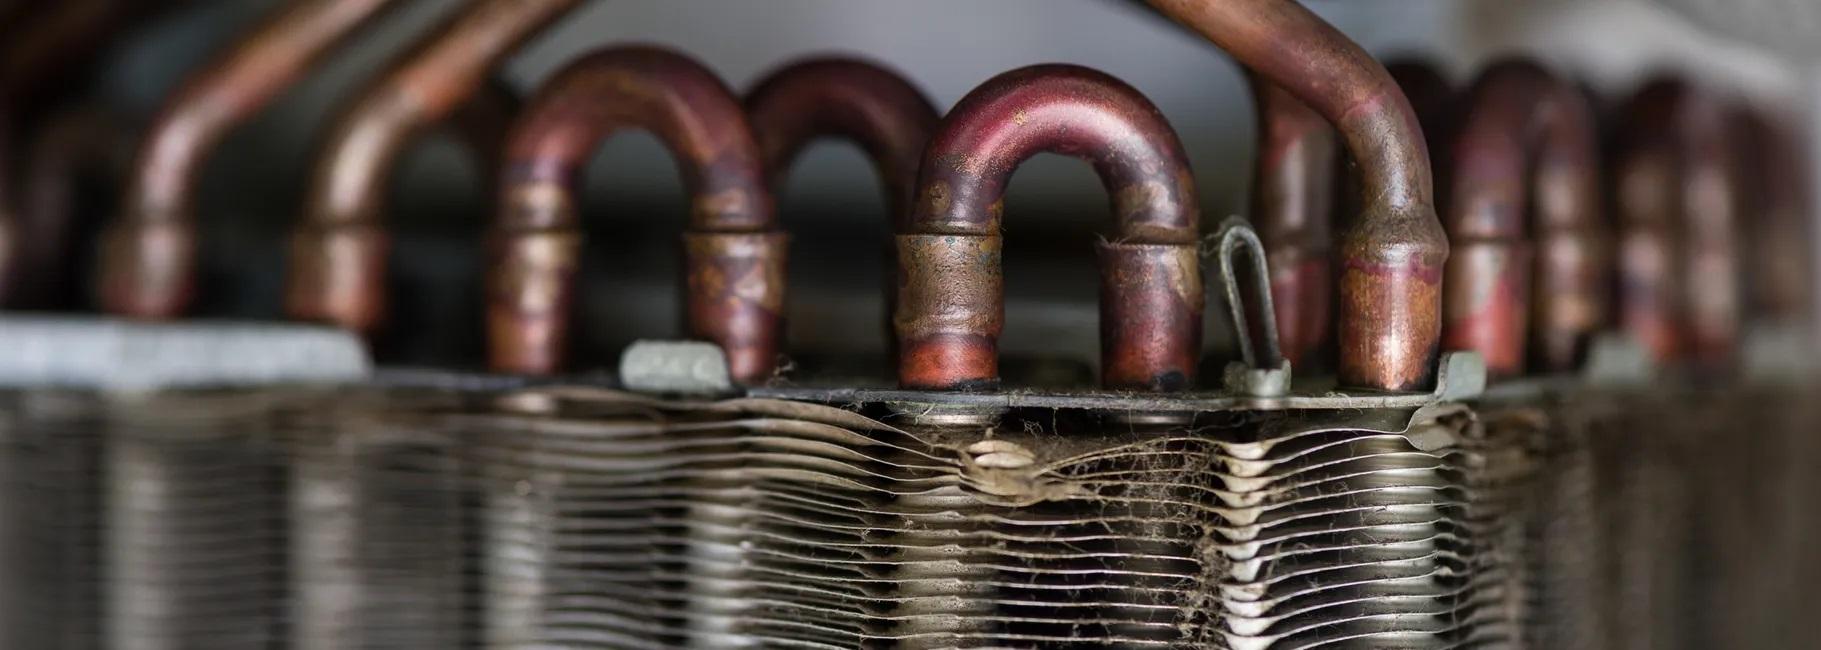 Steam Coils